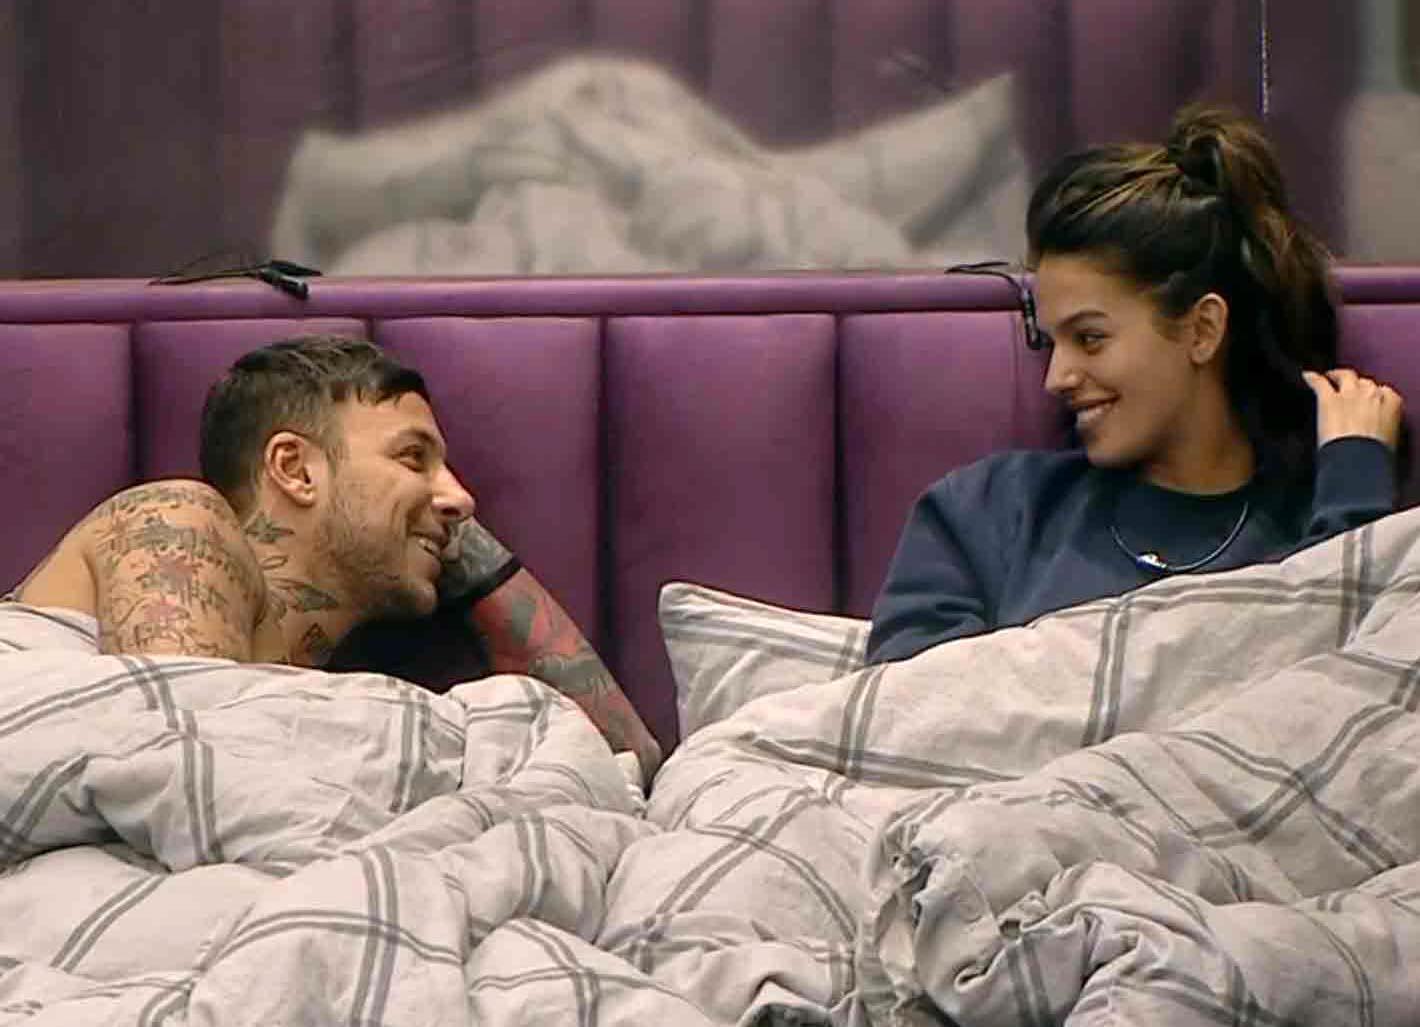 ג'וזי חושף לקארין סודות בחדר המיטות ואת הפחד הכי גדול שלו!